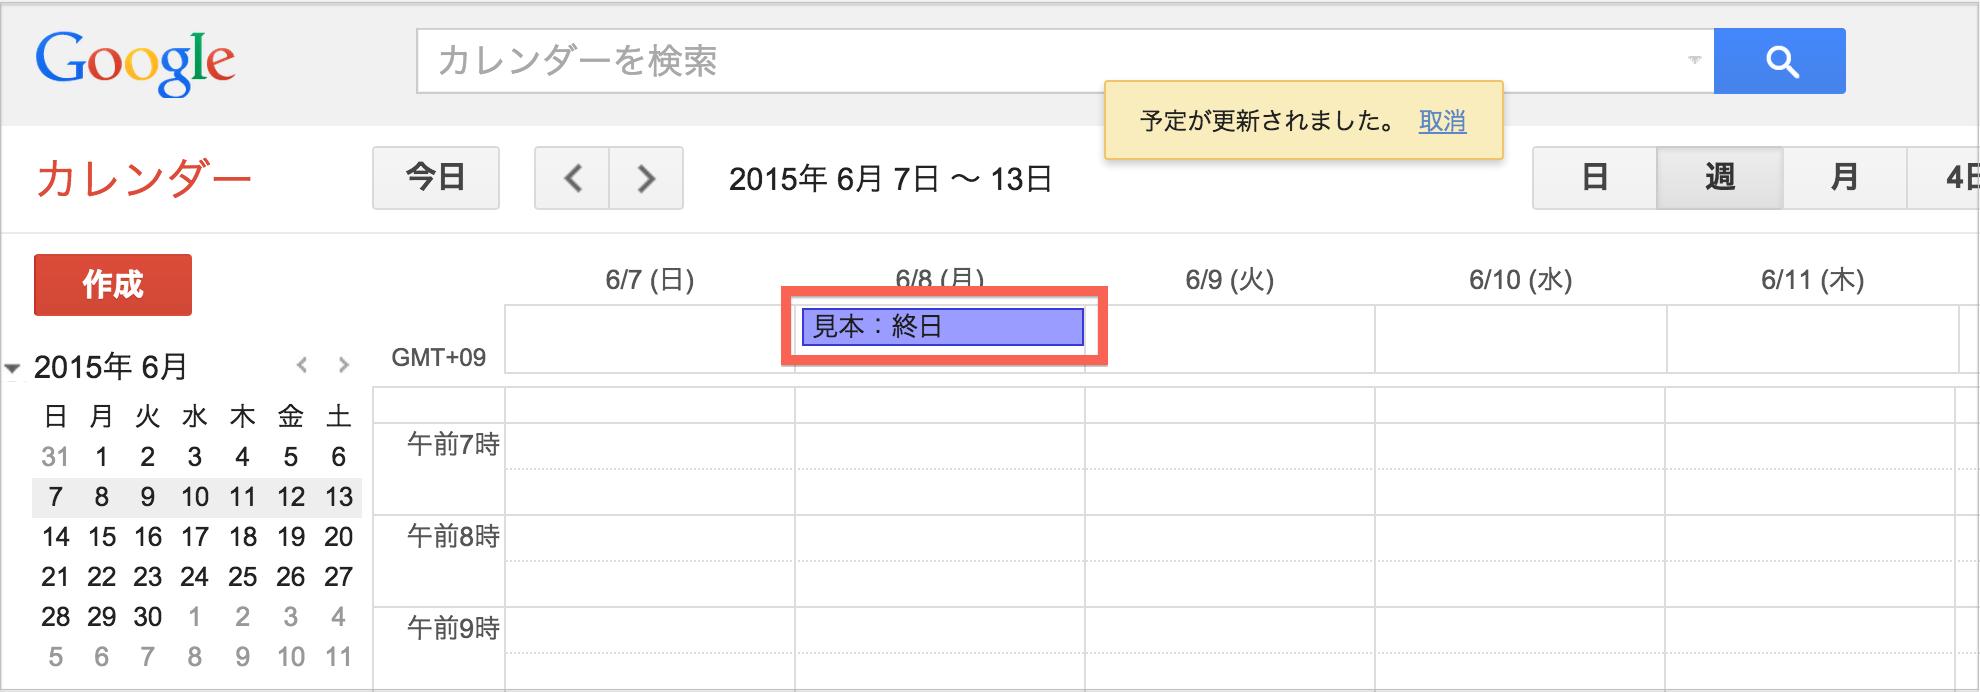 スクリーンショット 2015-05-28 14.07.46